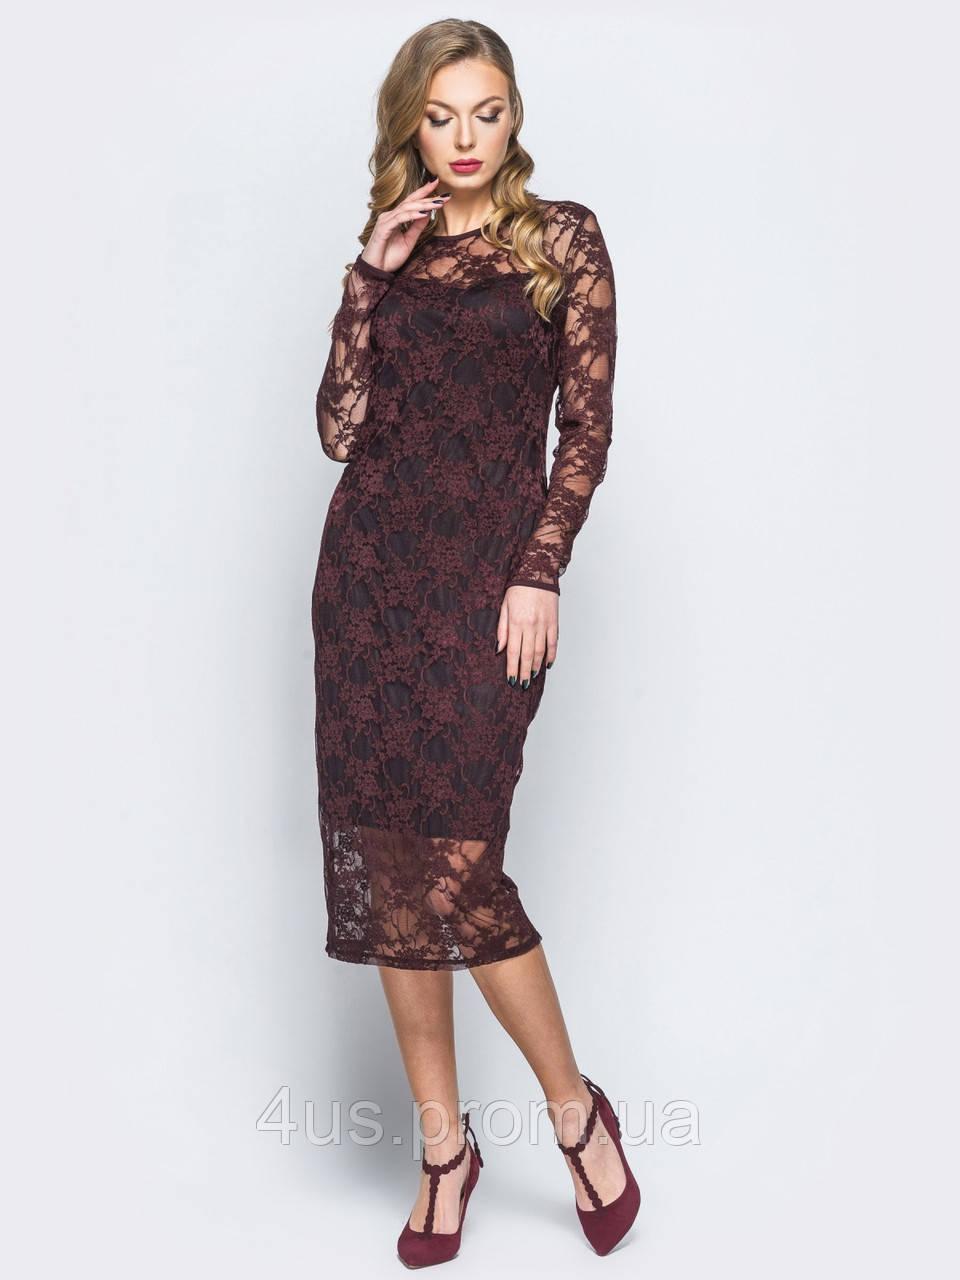 a7a1185eac7 ✉️Силуэтное платье-миди из мягкого гипюра (коричневое